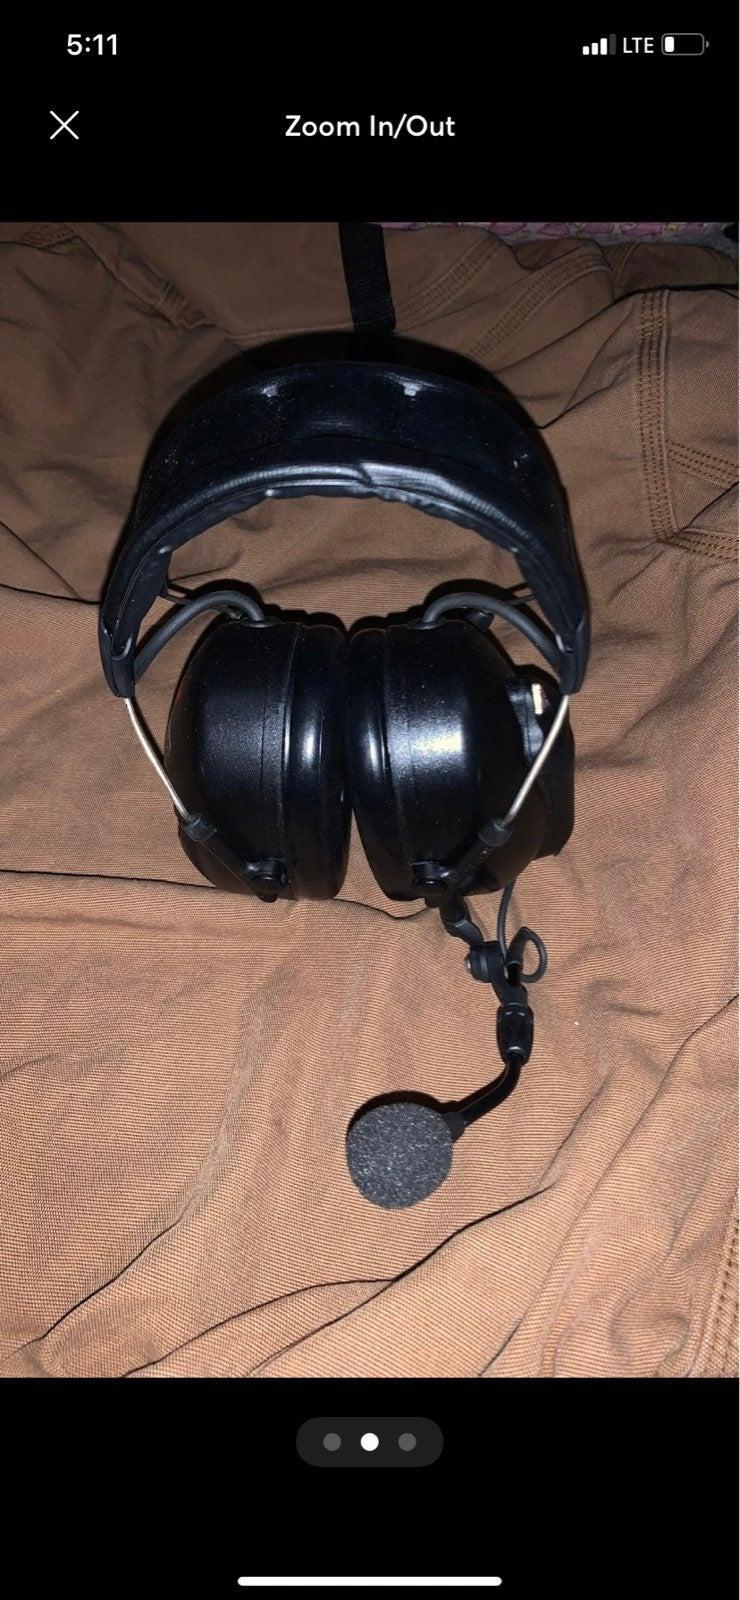 3M Peltor XP WS Noise Canceling Headset